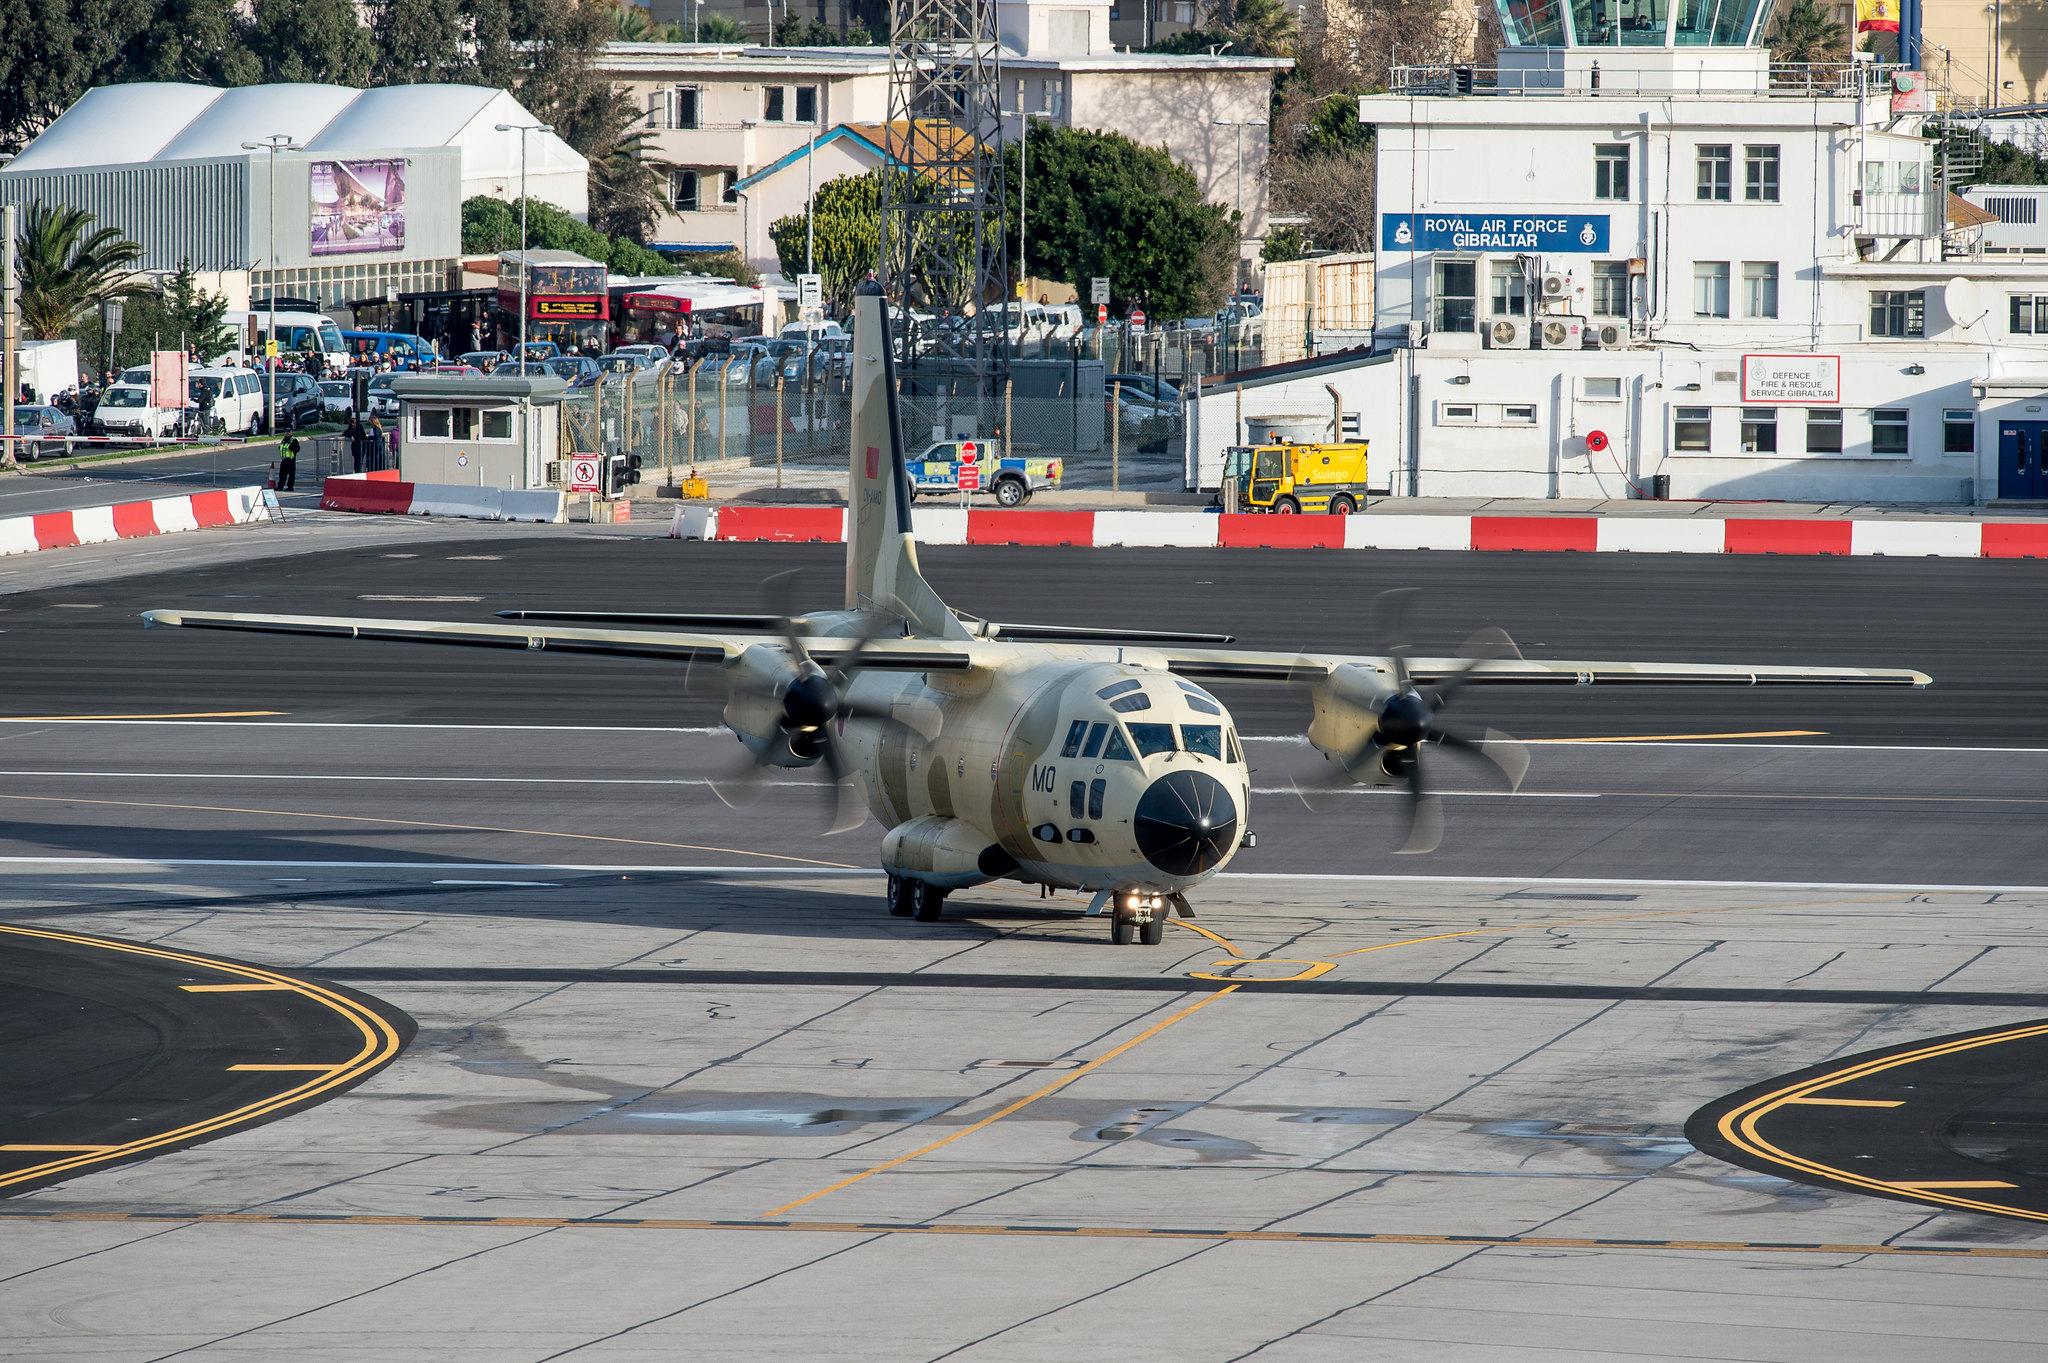 FRA: Photos d'avions de transport - Page 25 24948330616_995021ff08_k